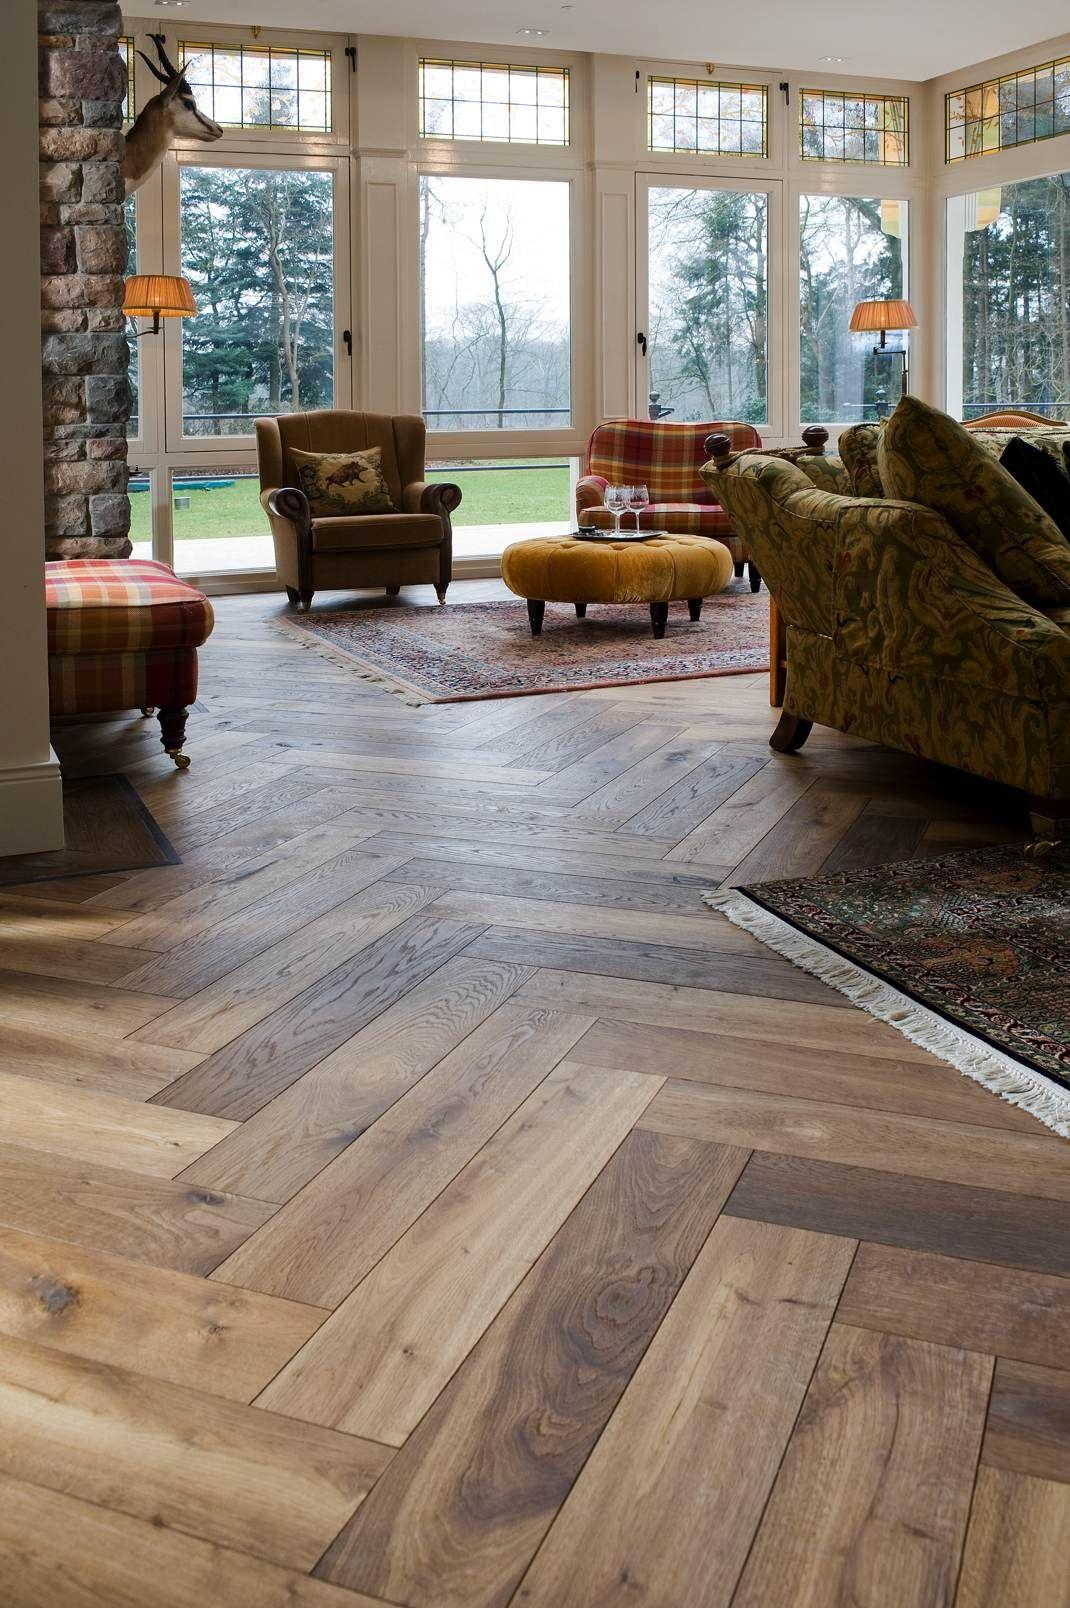 Madera Classico - Luxe houten vloeren - Hoog ■ Exclusieve woon- en tuin inspiratie.